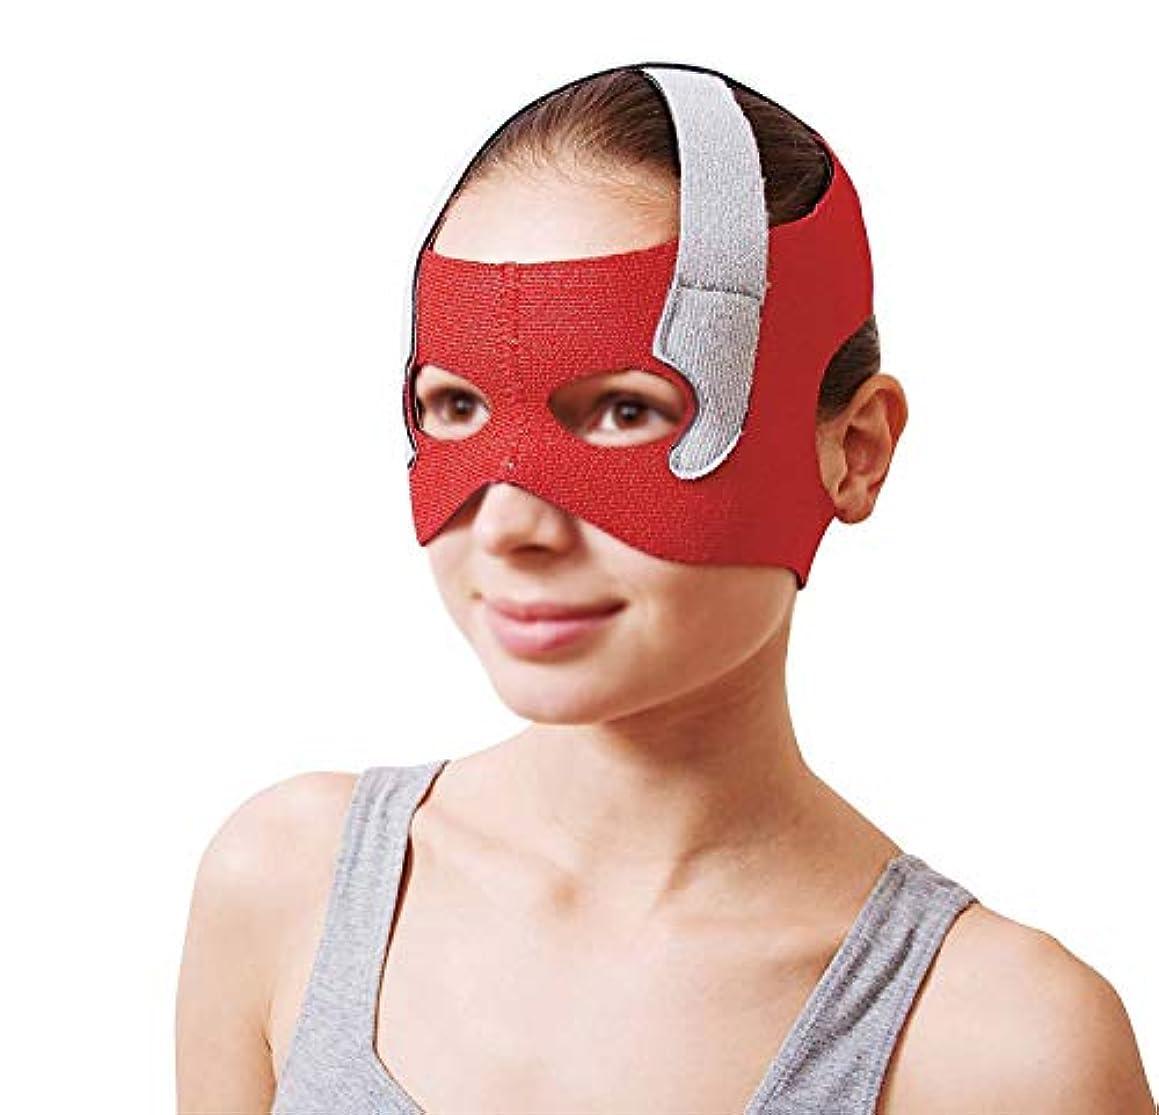 人脆いフェンスTLMY フェイシャルリフティングマスク回復包帯ヘッドギアマスクシンフェイスマスクアーティファクト美容ベルトフェイシャルとネックリフティングフェイシャル円周57-68 cm 顔用整形マスク